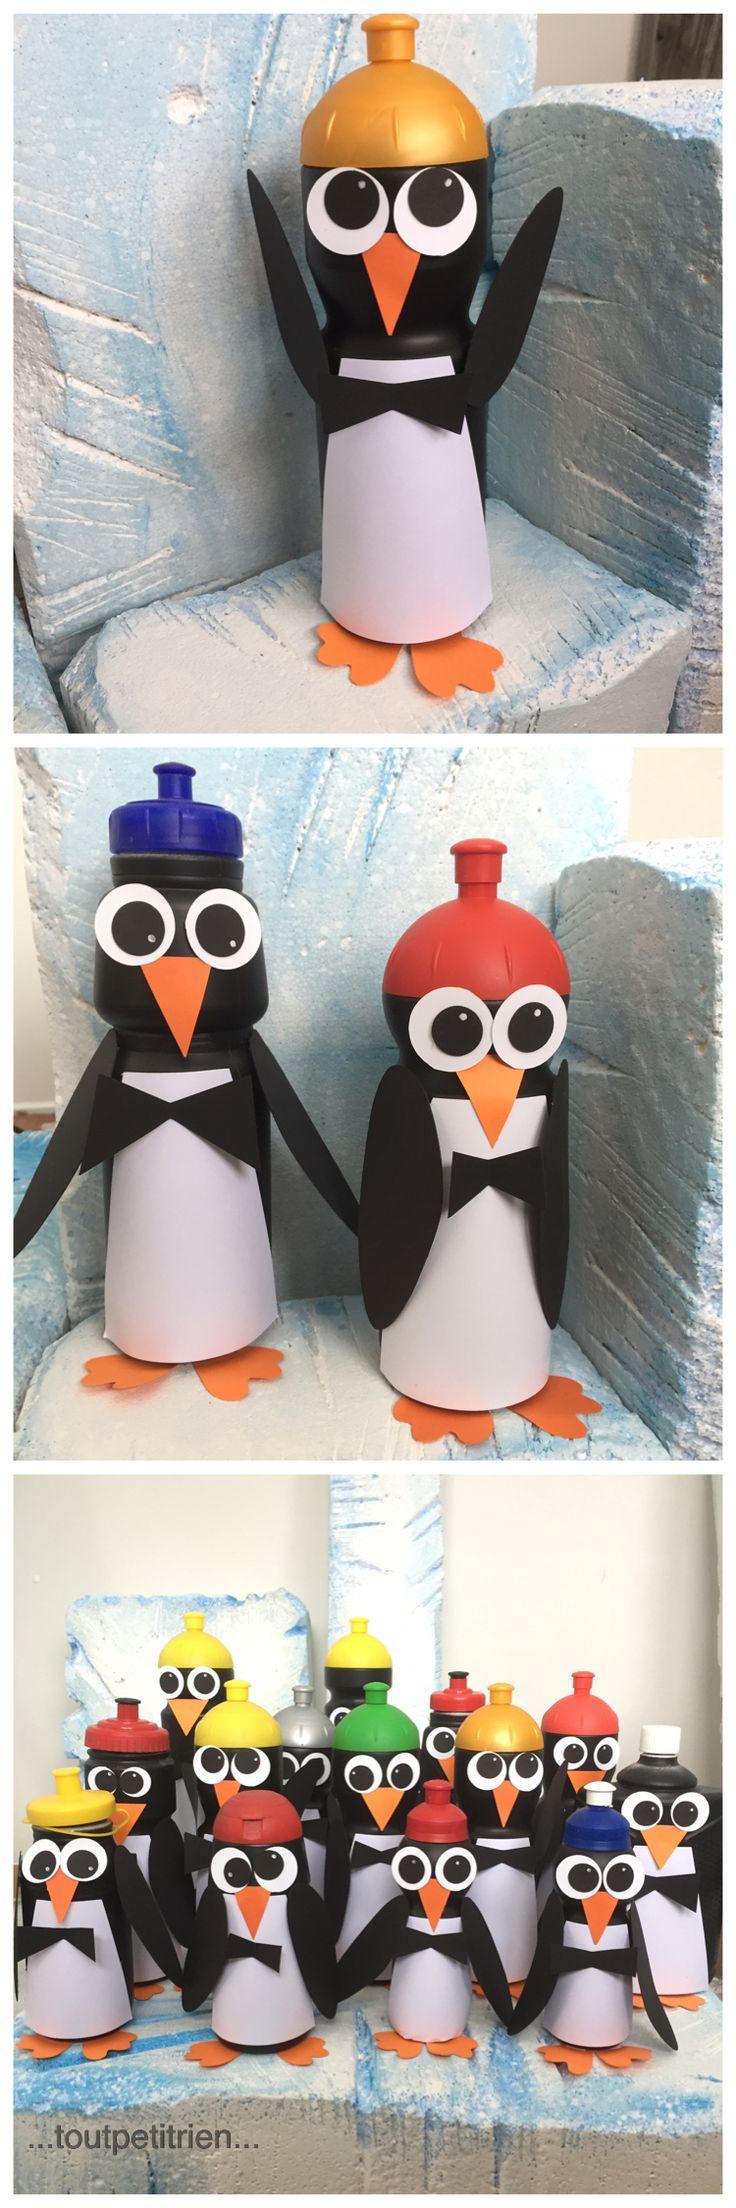 Pingouins recyclage anciennes gourdes. Décoration vitrines Clinique vétérinaire www.toutpetitrien.ch - fleurysylvie